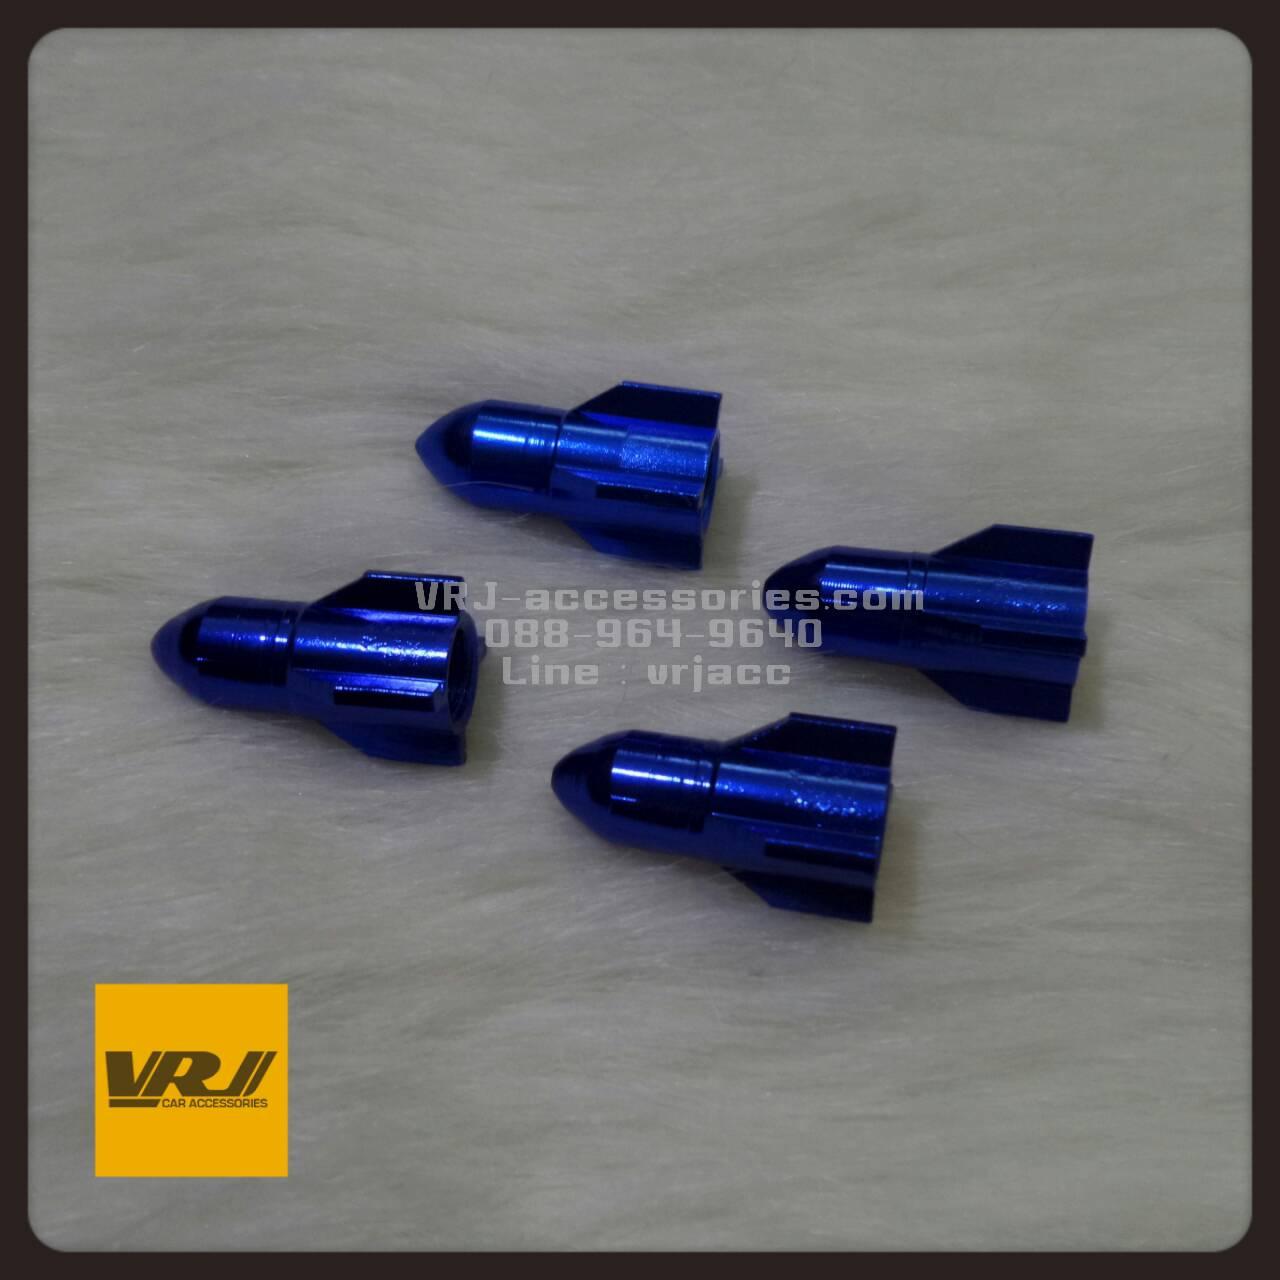 จุกลม จรวด สีน้ำเงิน : Car tire valve Stem caps – Rocket